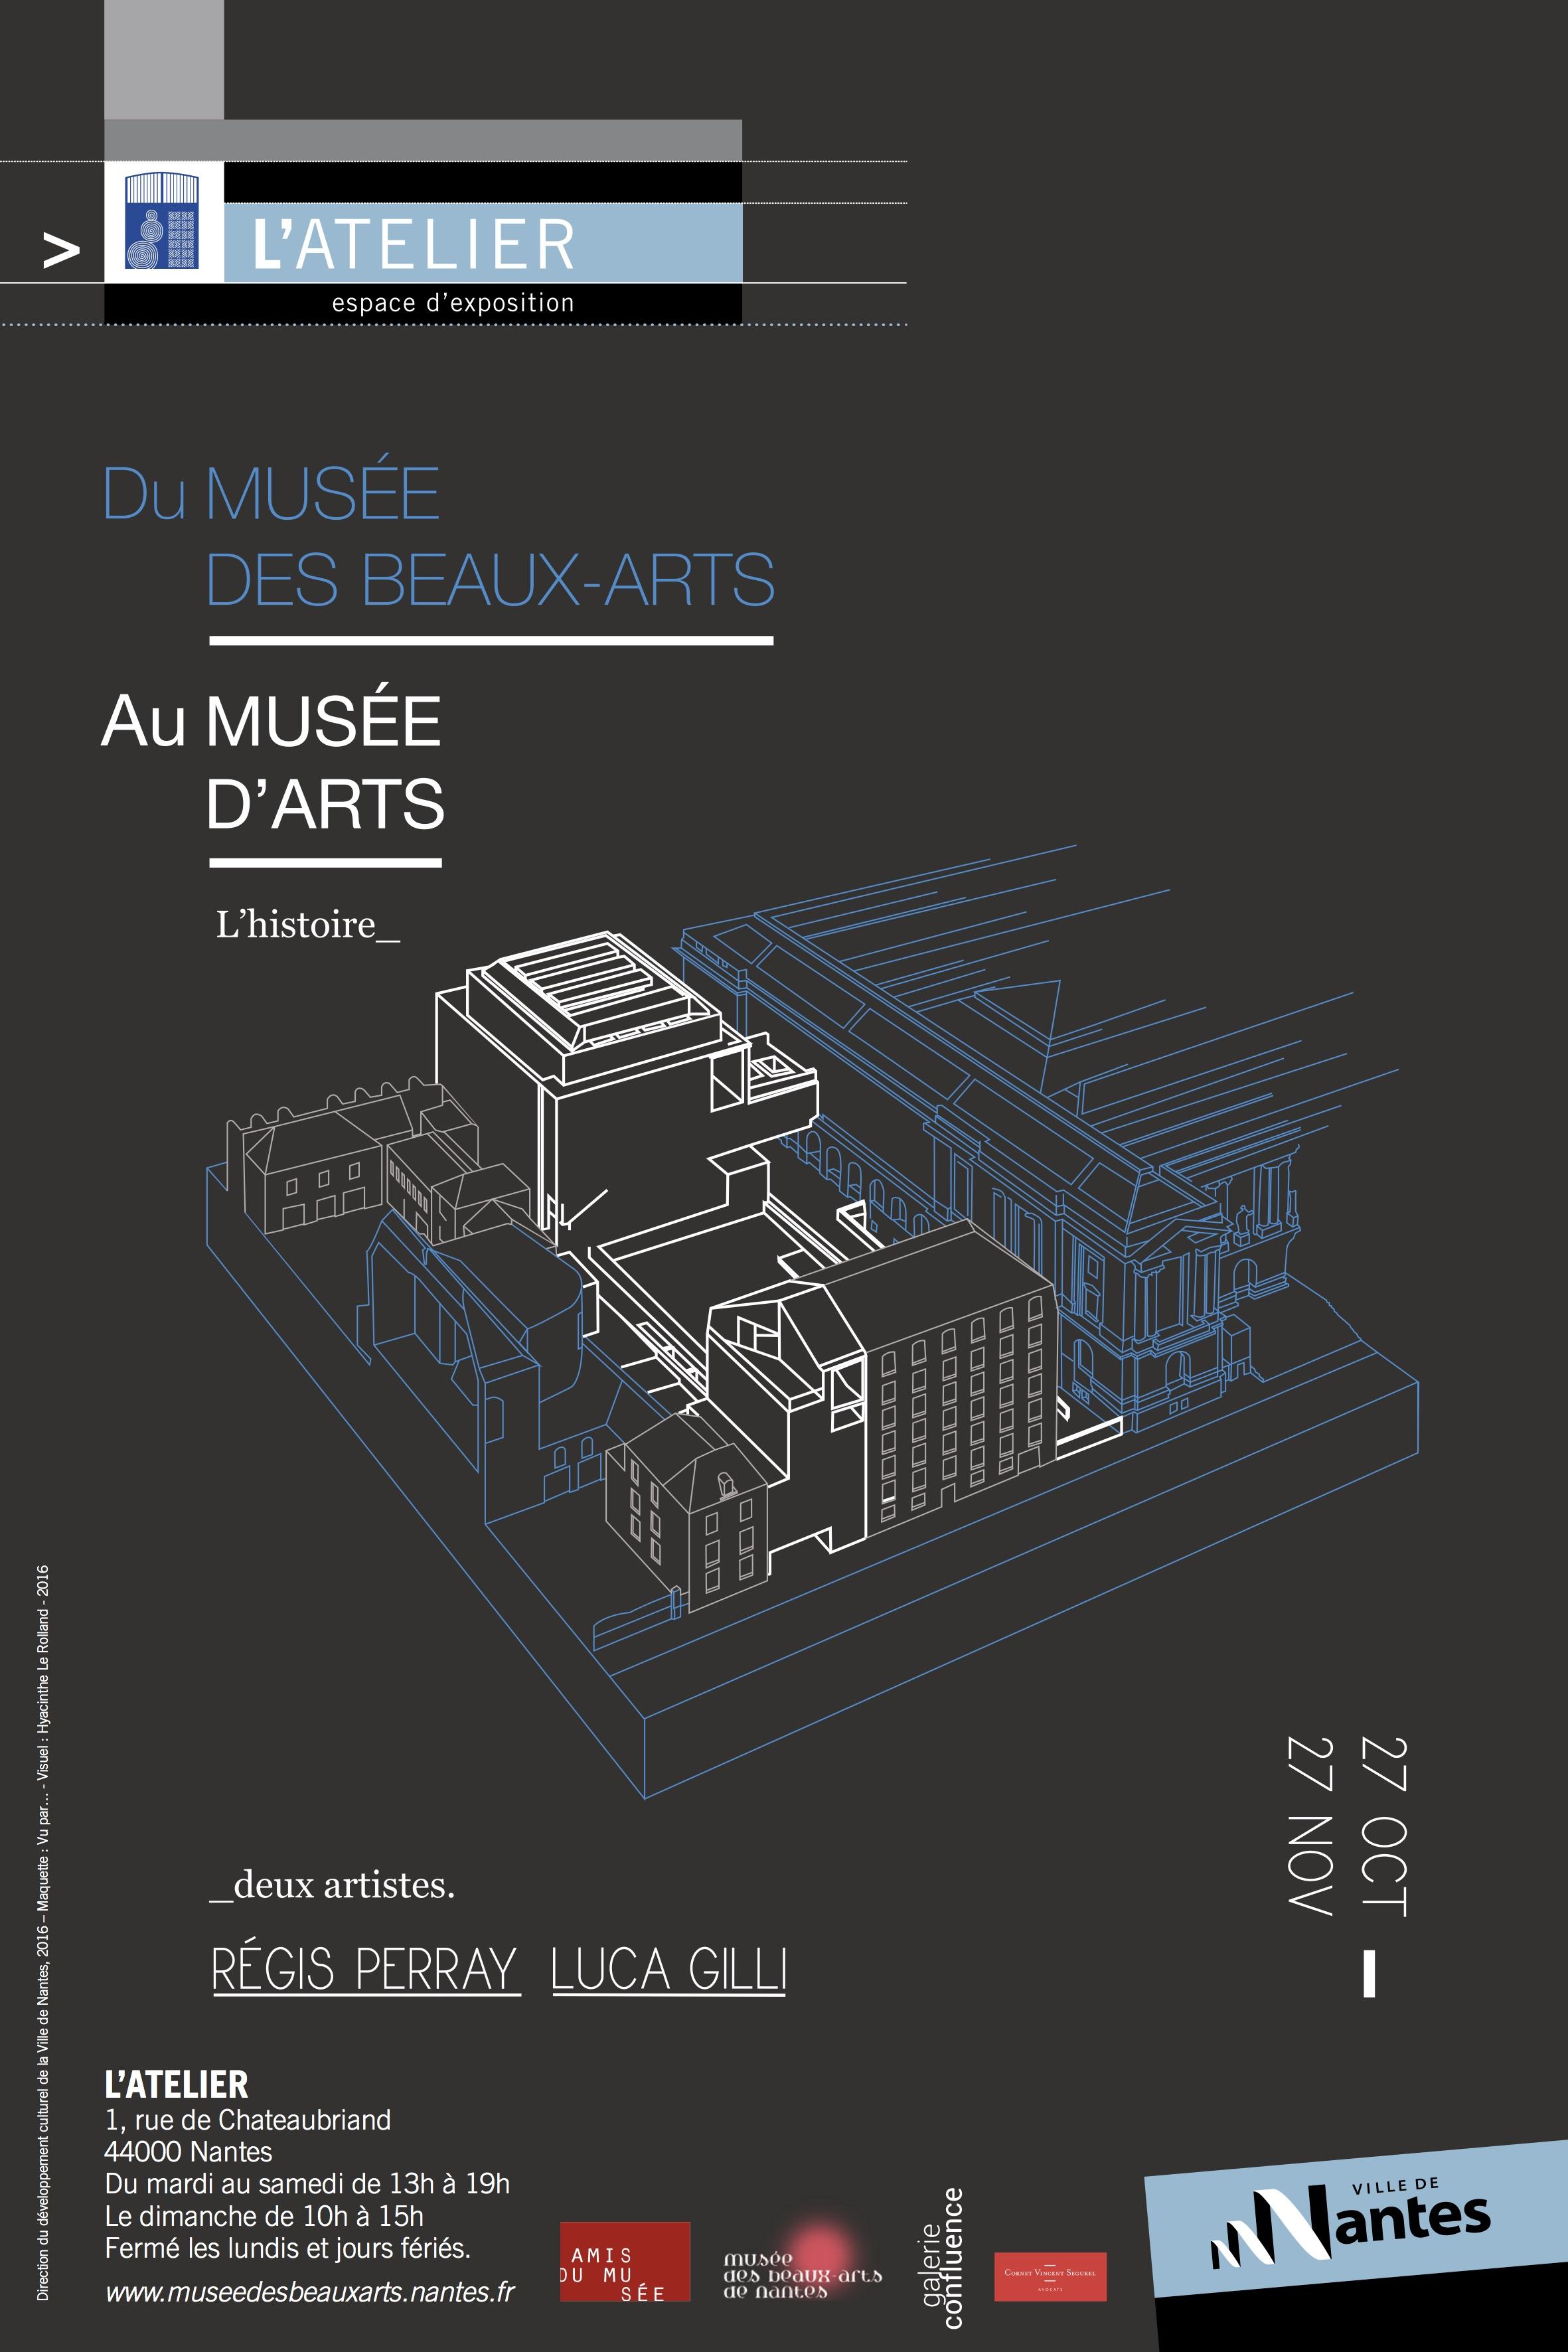 musee-darts-27-oct-2016